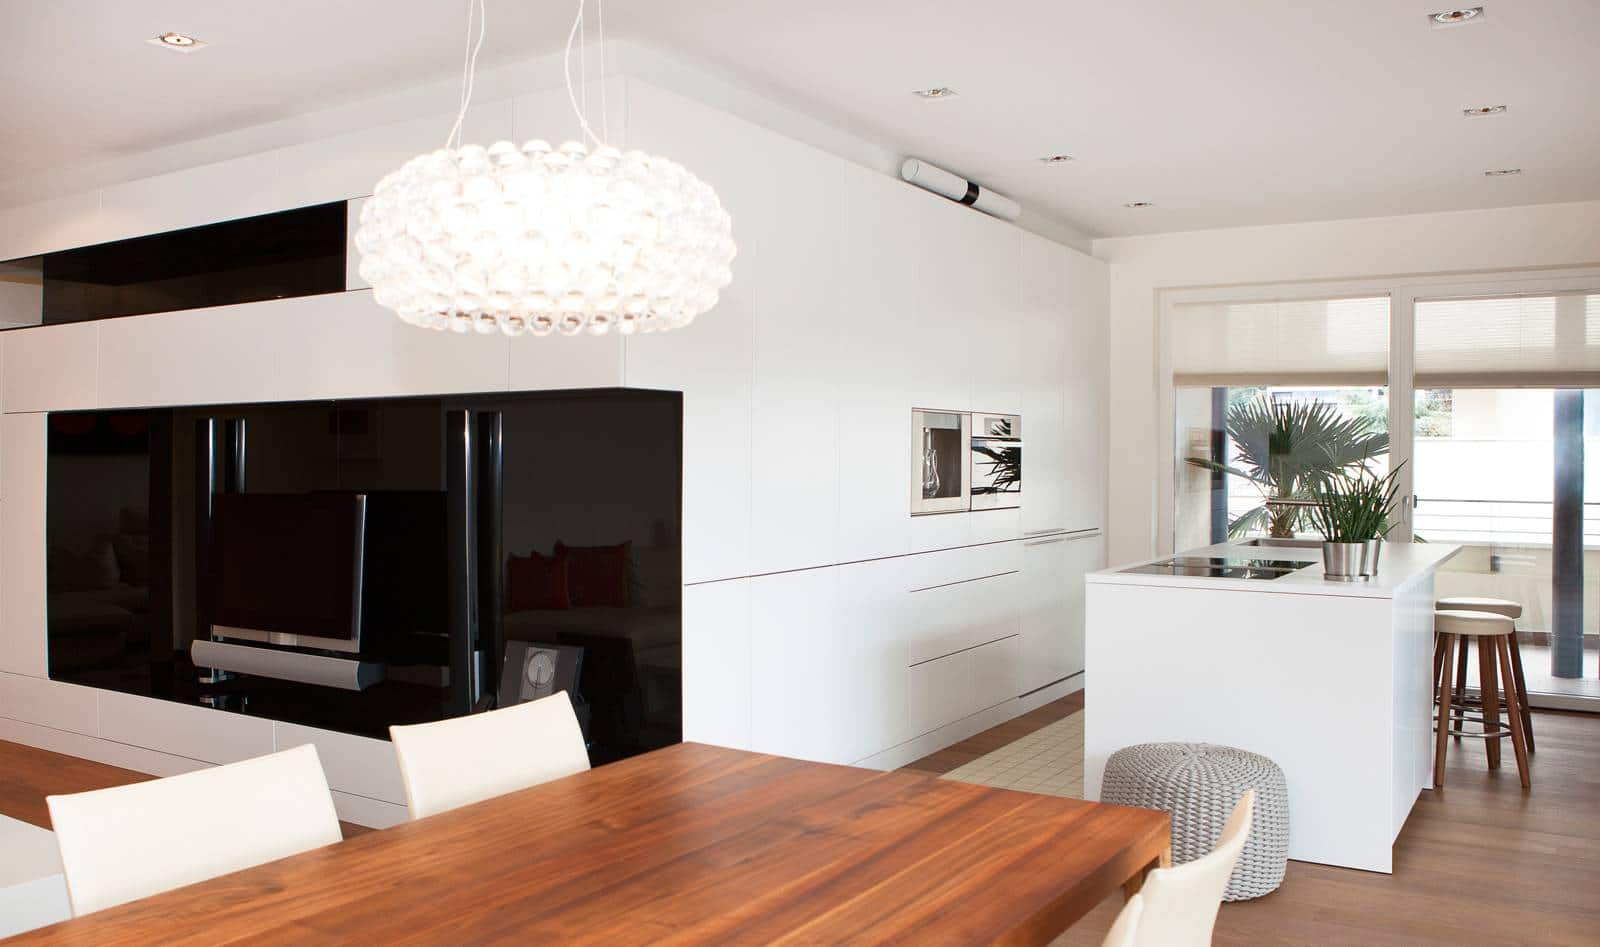 Dise o de planos de apartamento e interior construye hogar for Diseno cocina comedor